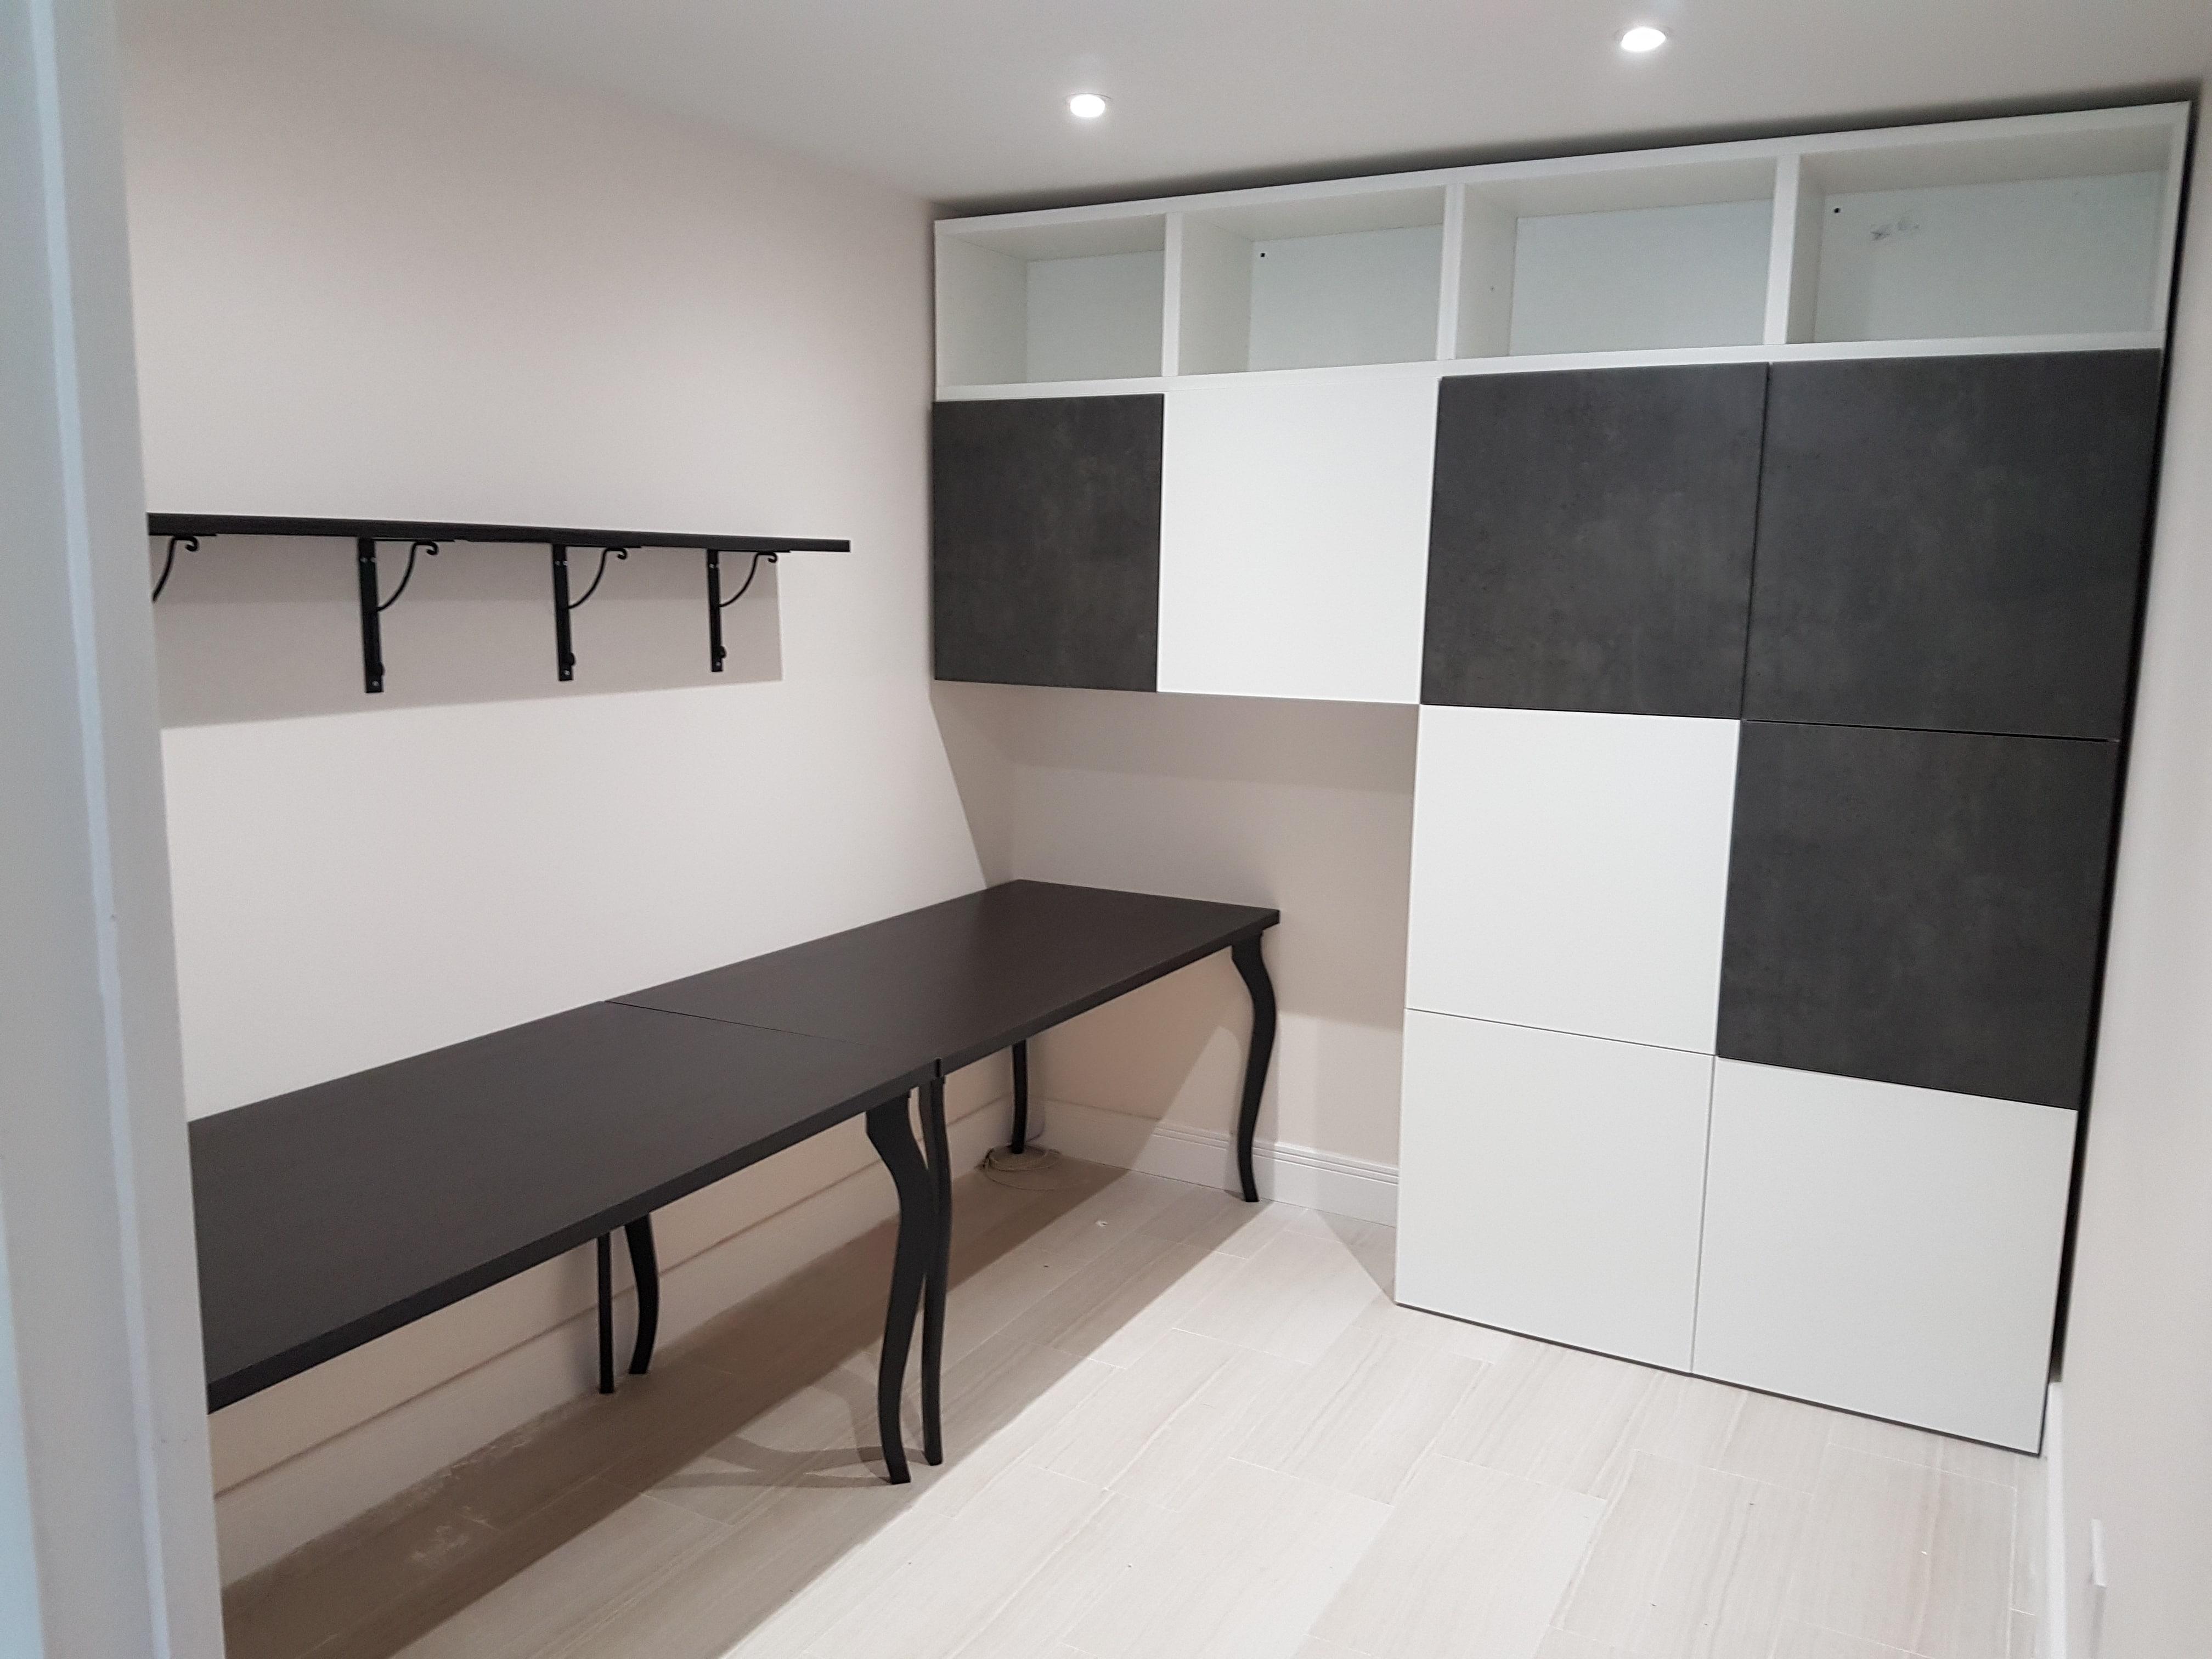 Flatpack Furniture